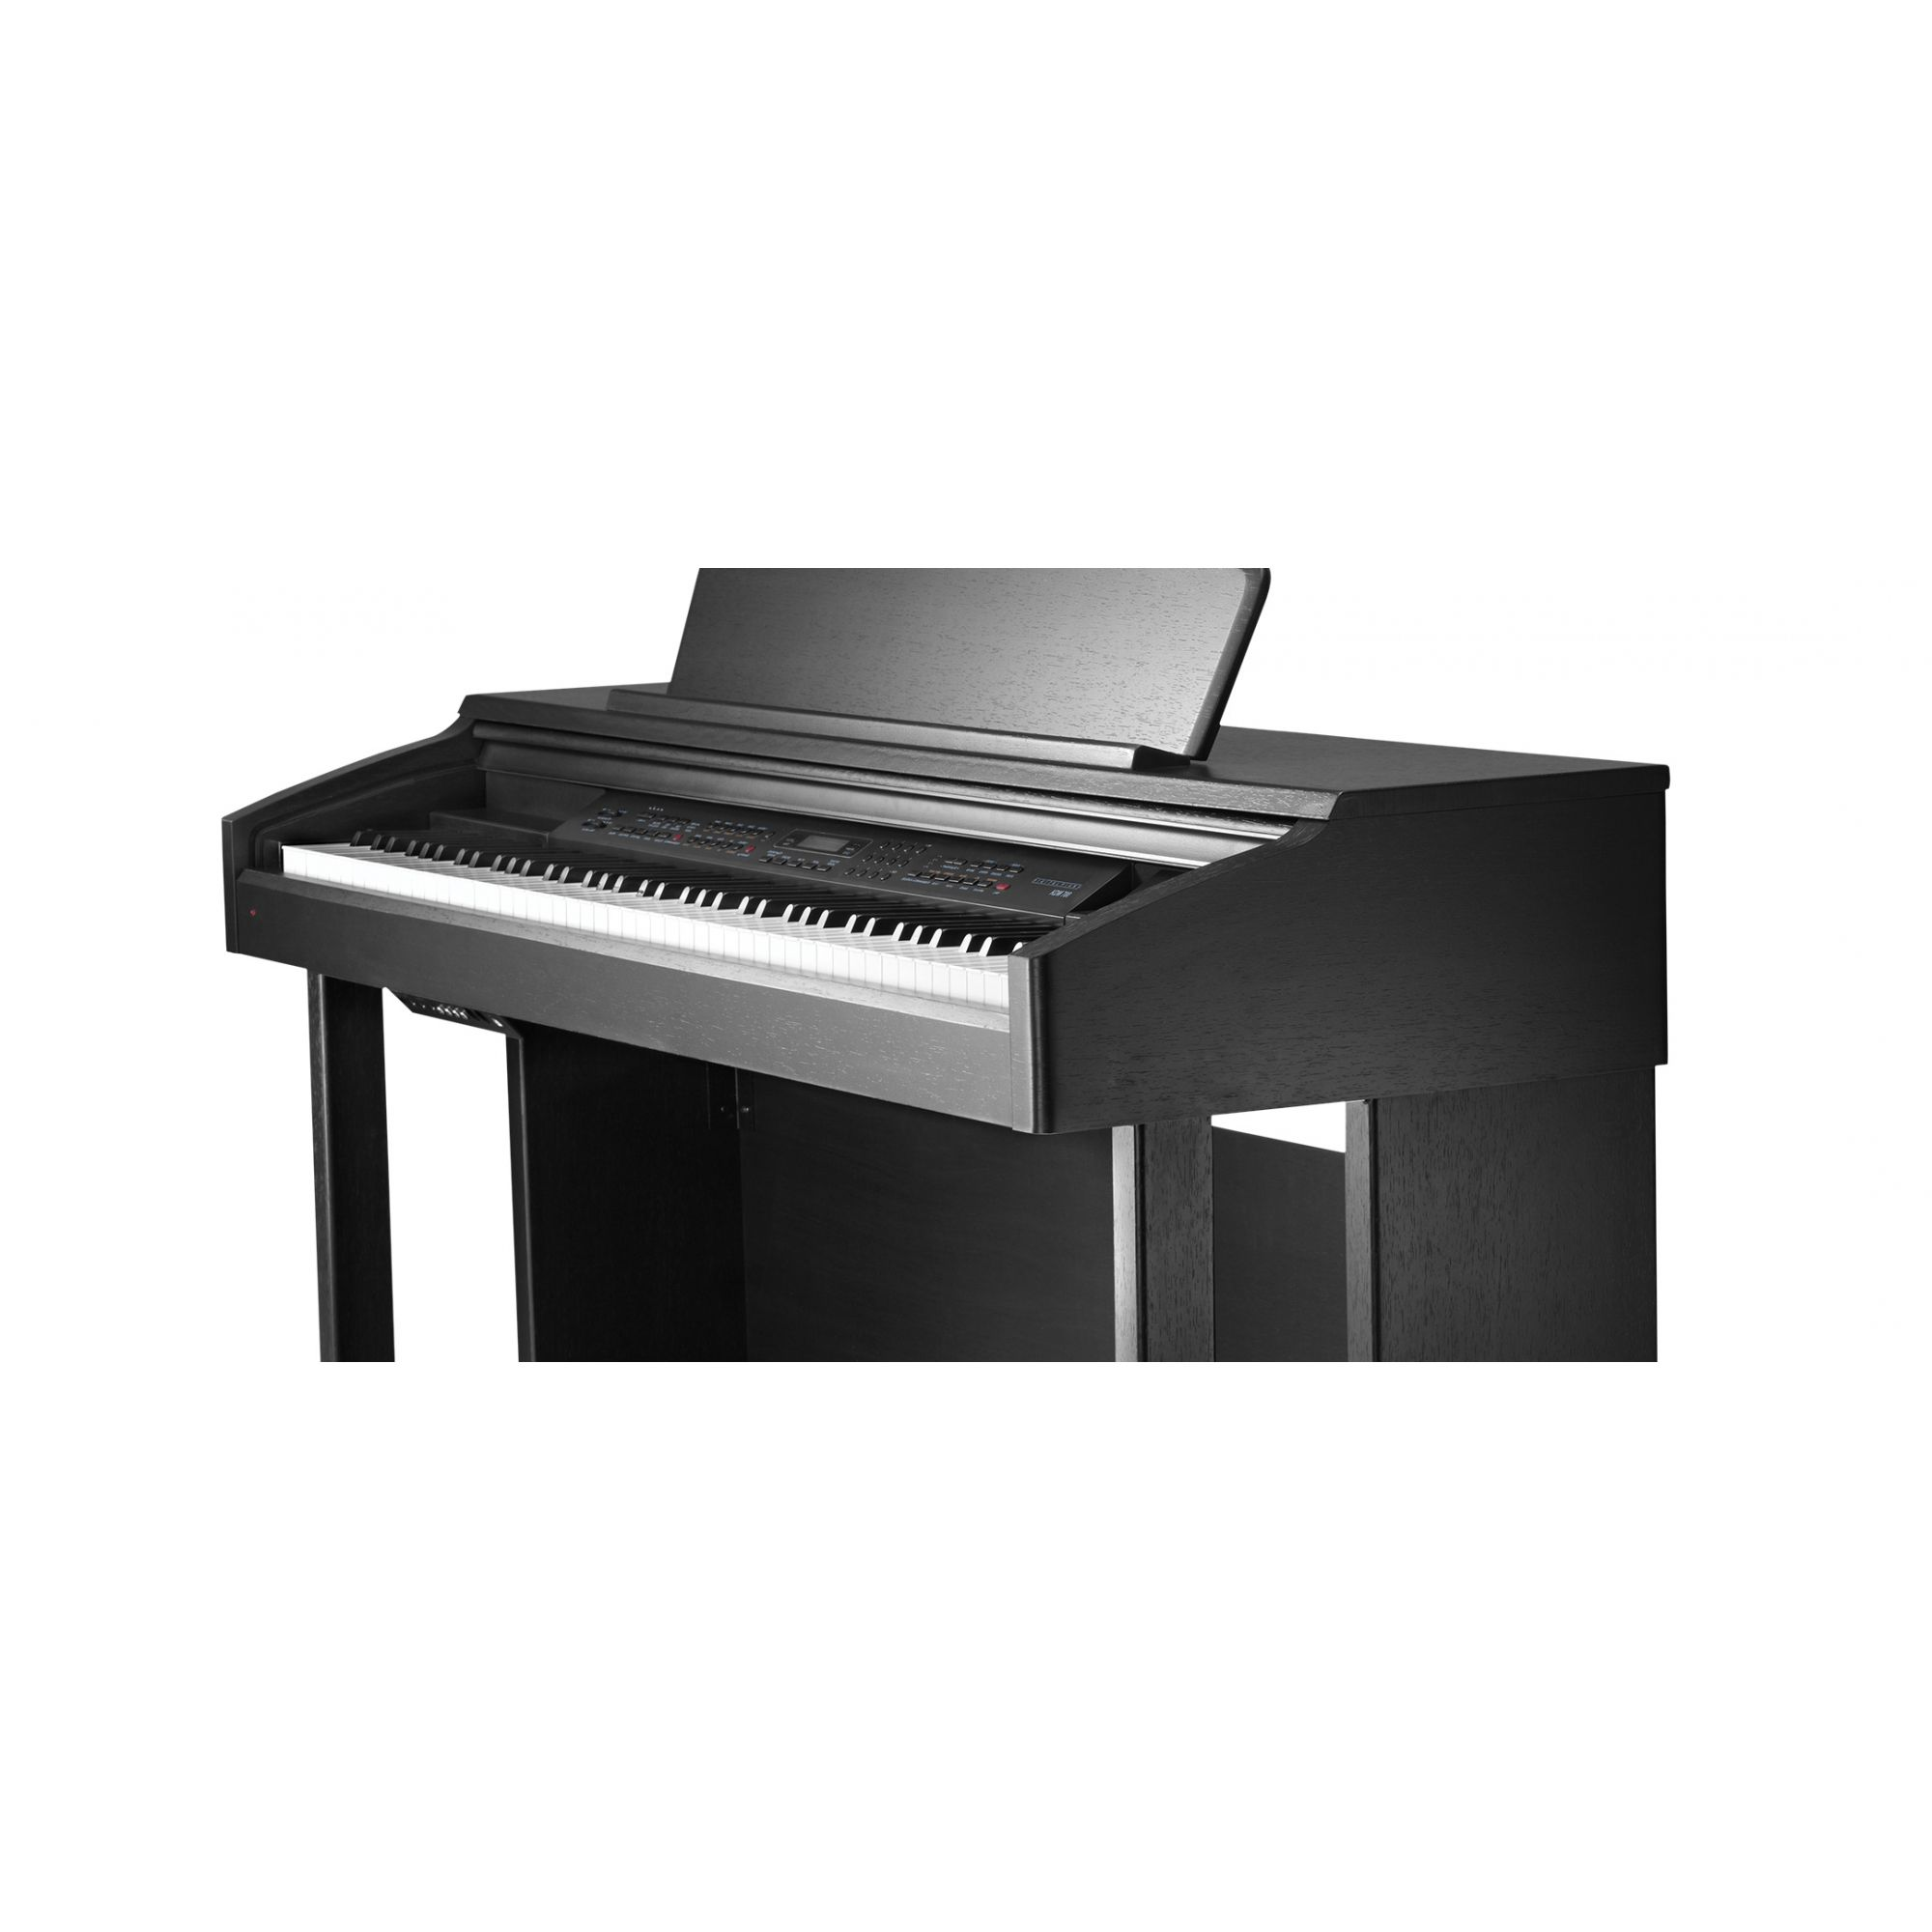 Piano Michael Kdm700  - Luggi Instrumentos Musicais